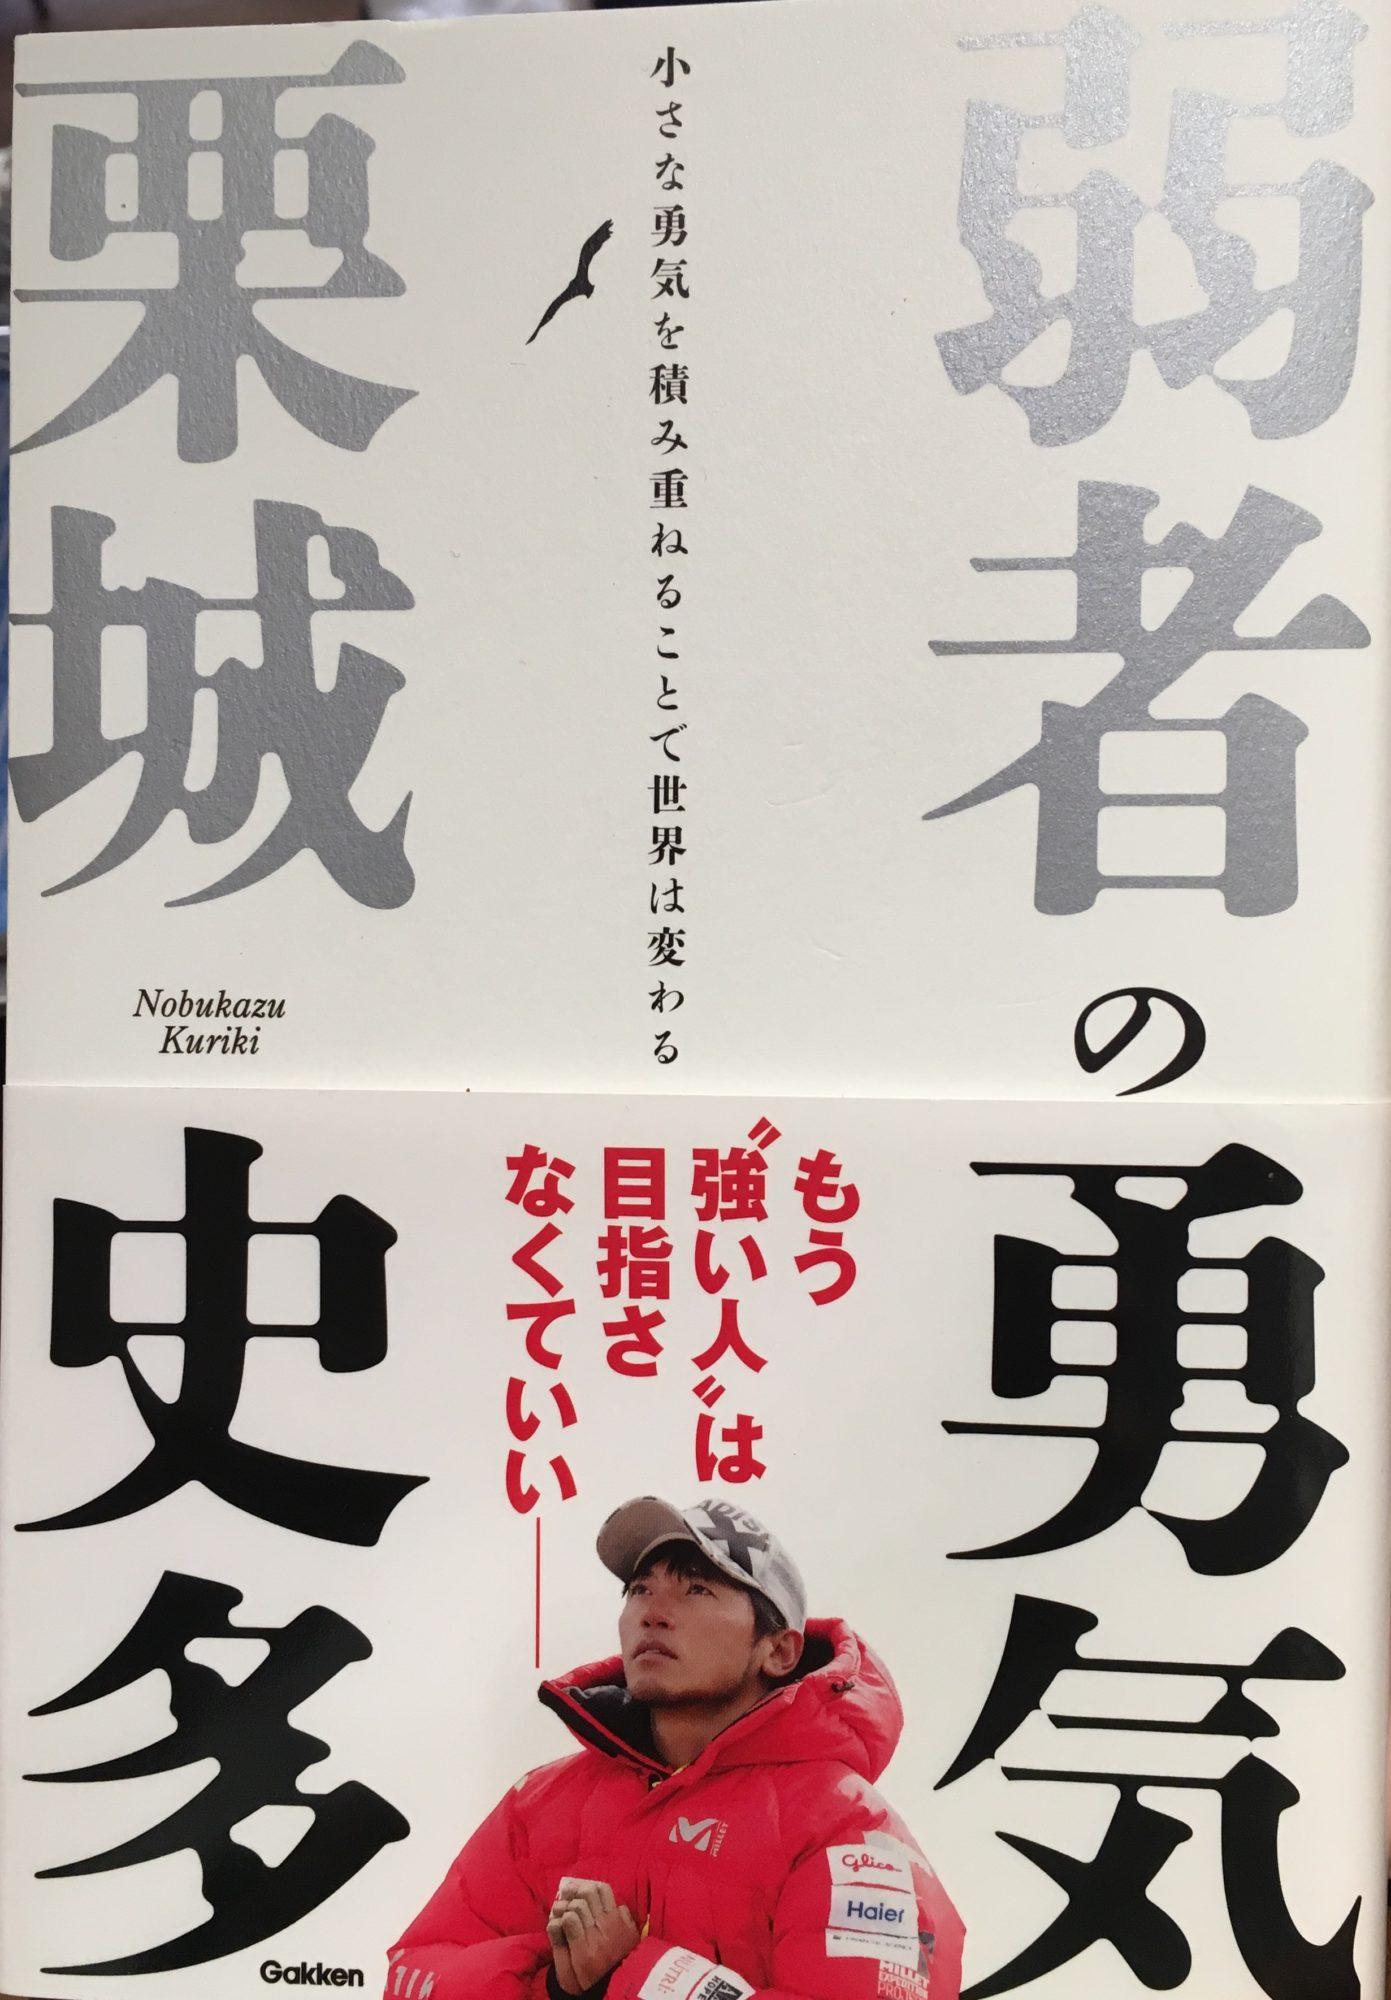 栗城さんの本